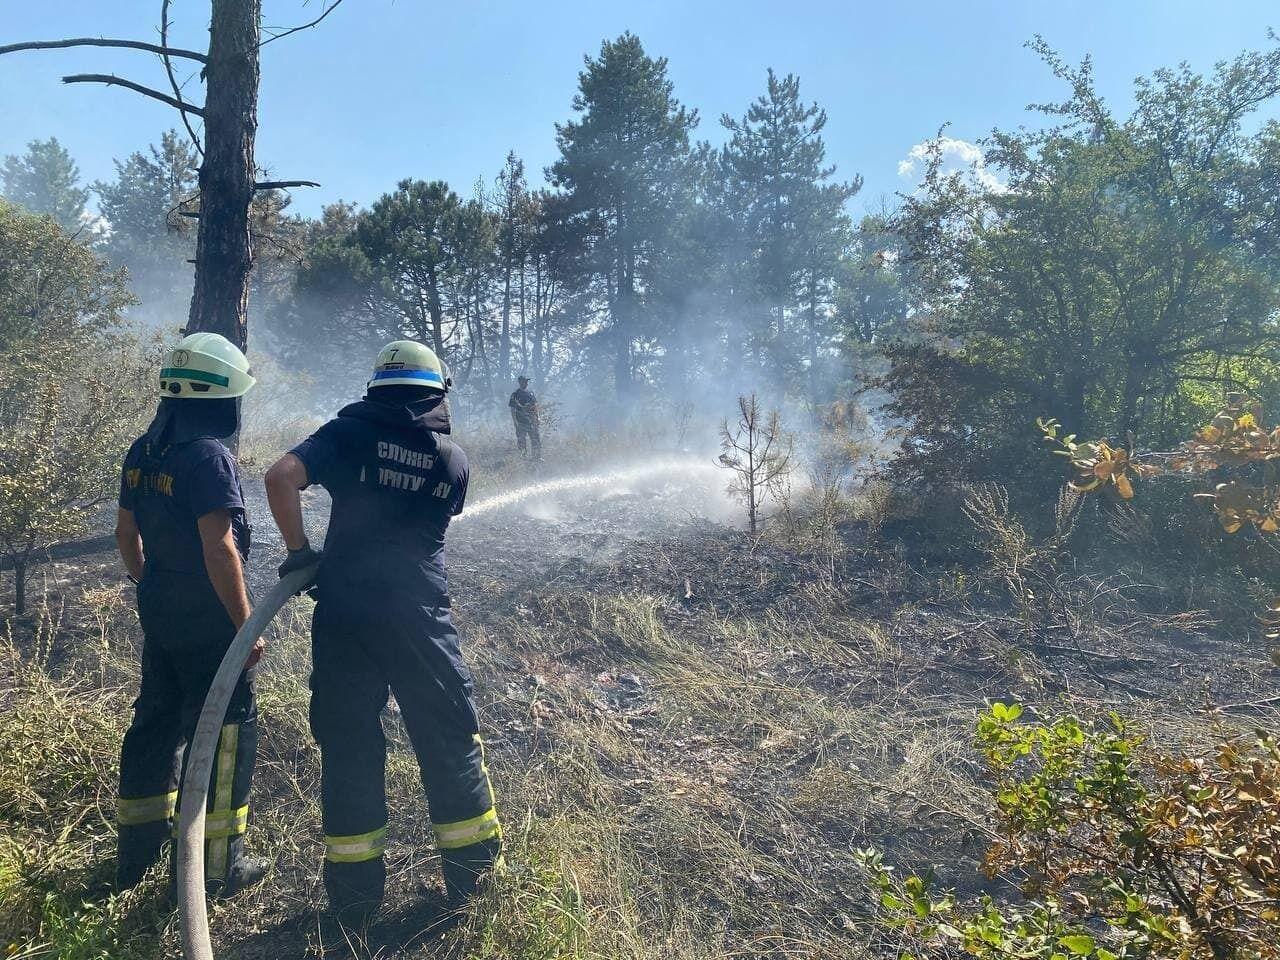 На Хортиці сталася масштабна пожежа, підозрюють підпал. Фото і відео